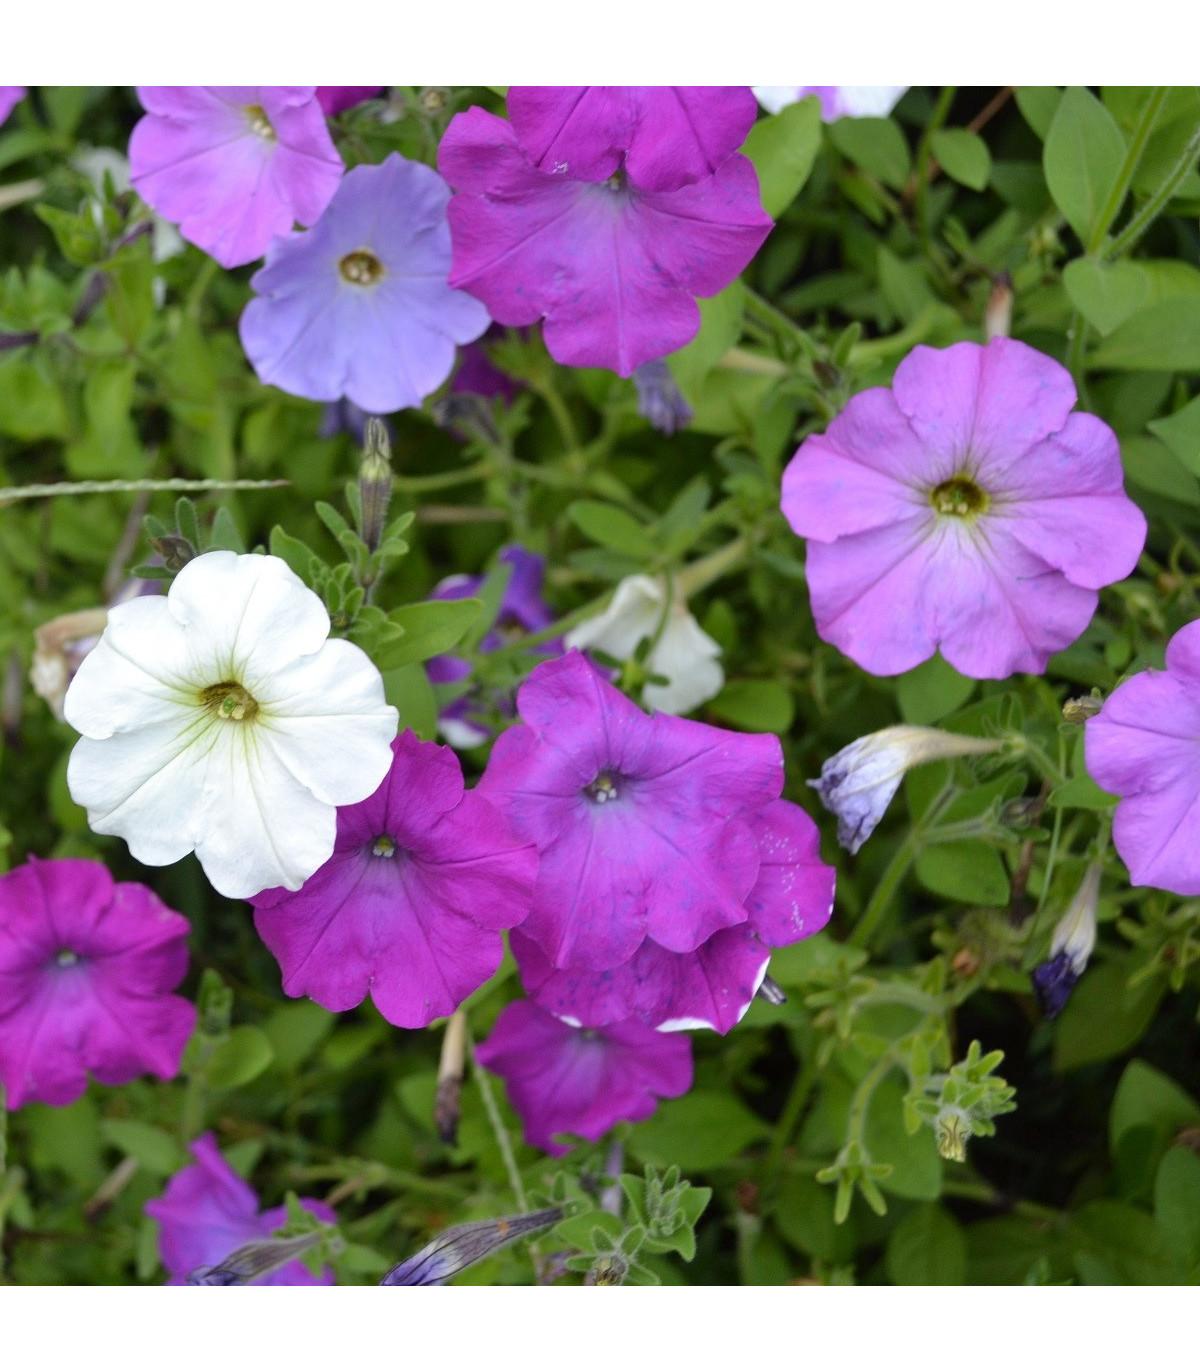 Petúnie velkokvětá nízká - Petunia hybrida nana - semena - 0,1 g